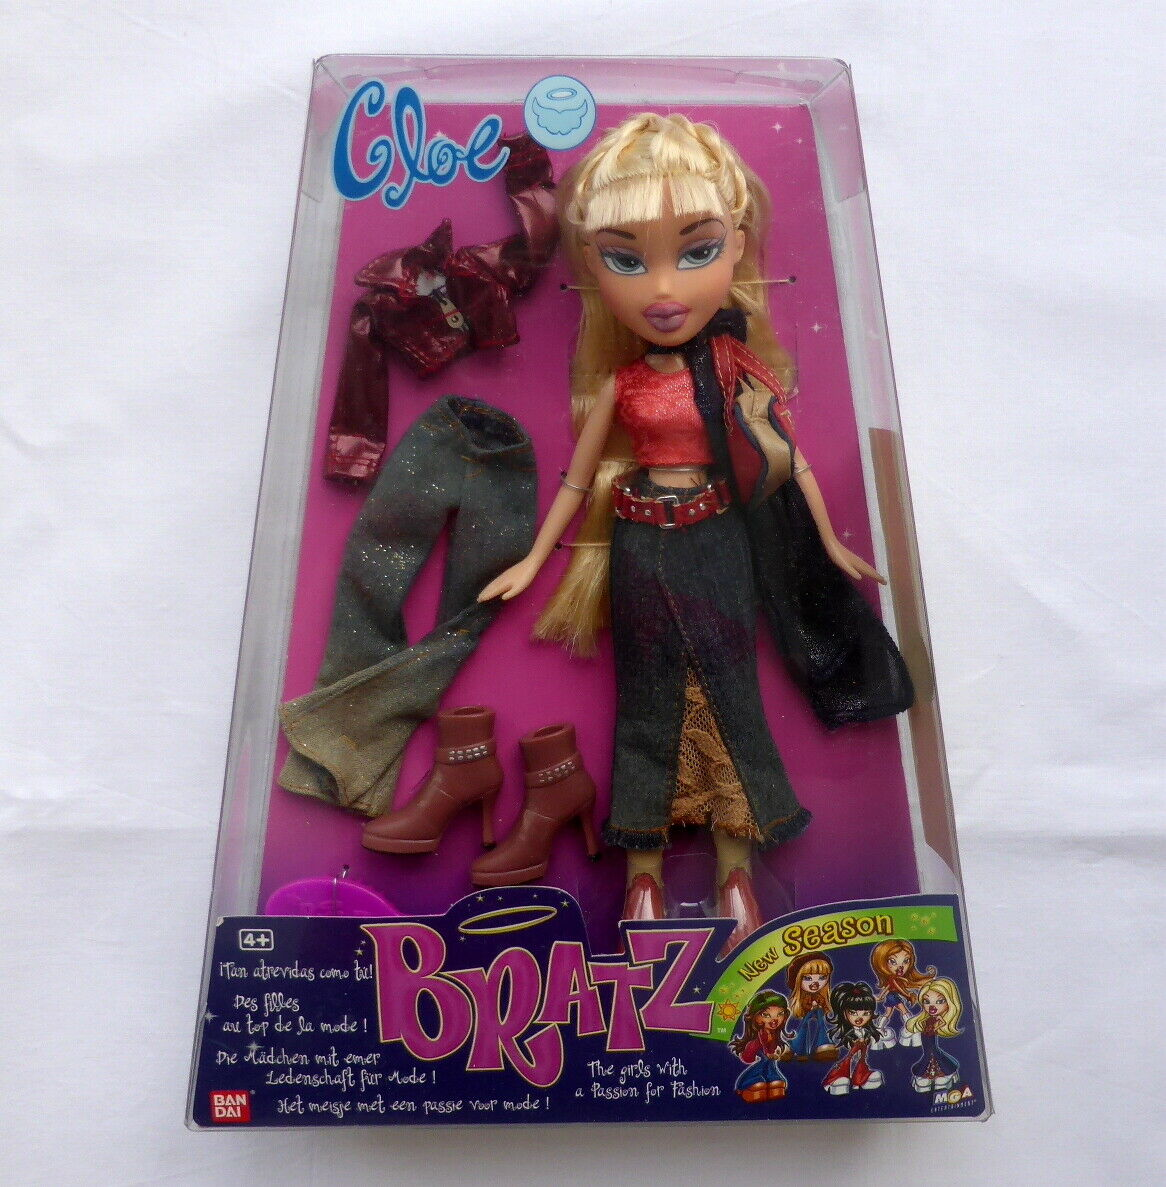 BRATZ NUOVA STAGIONE Chloe moda BAMBOLA 2002  Beai  produttori fornitura diretta